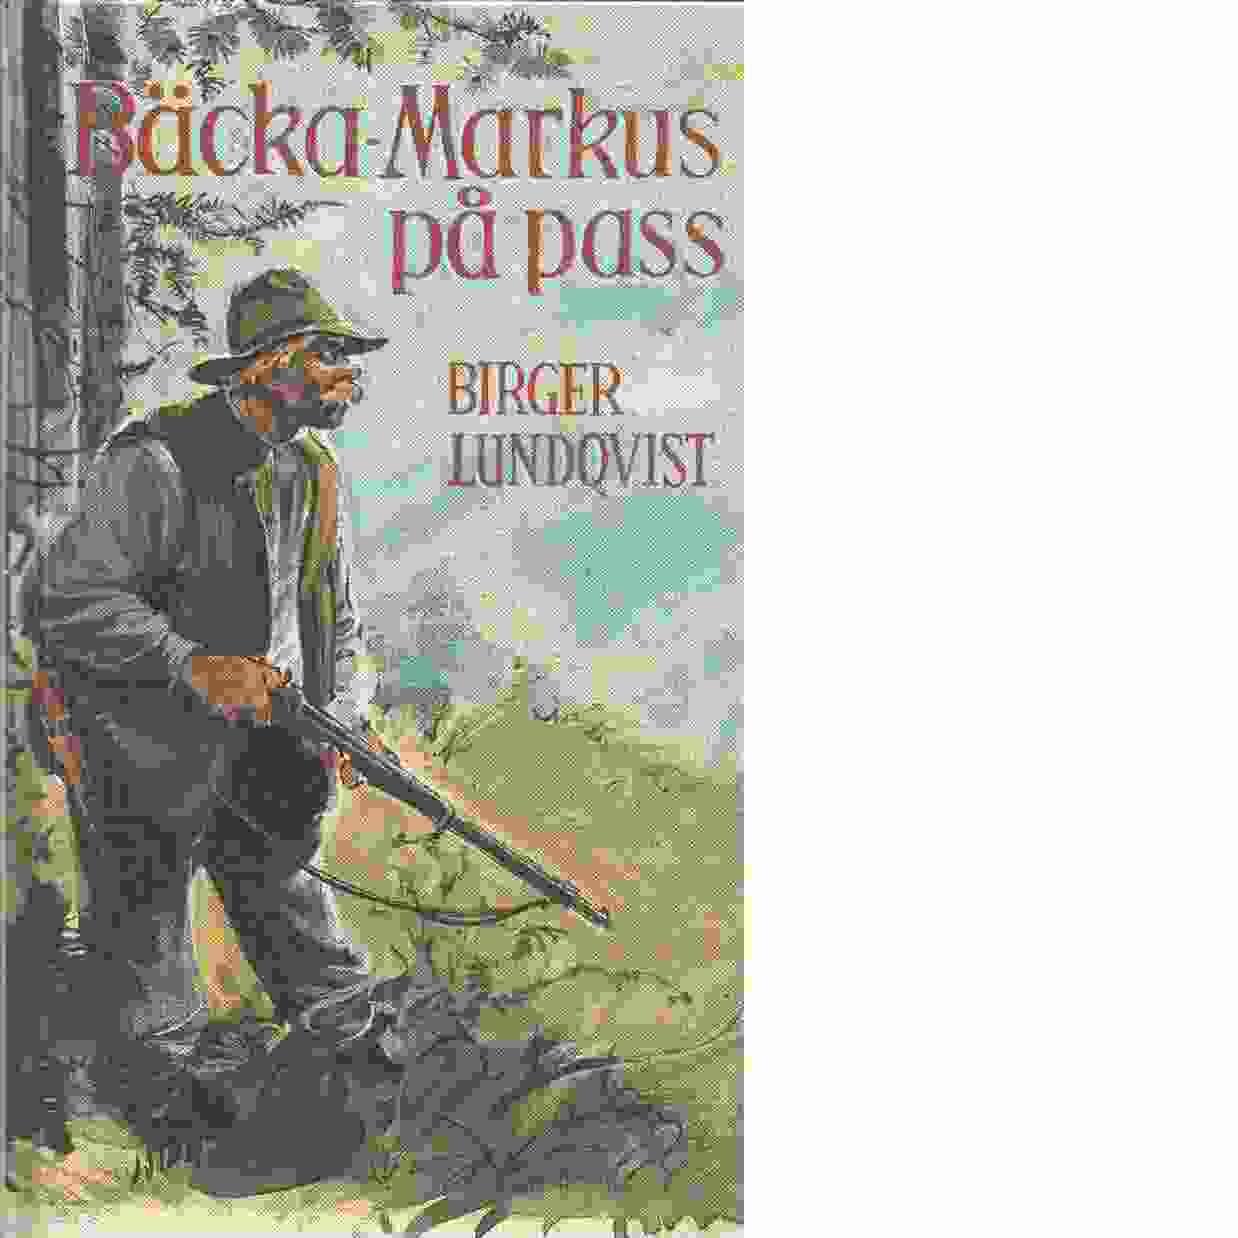 Bäcka-Markus på pass - Lundqvist, Birger